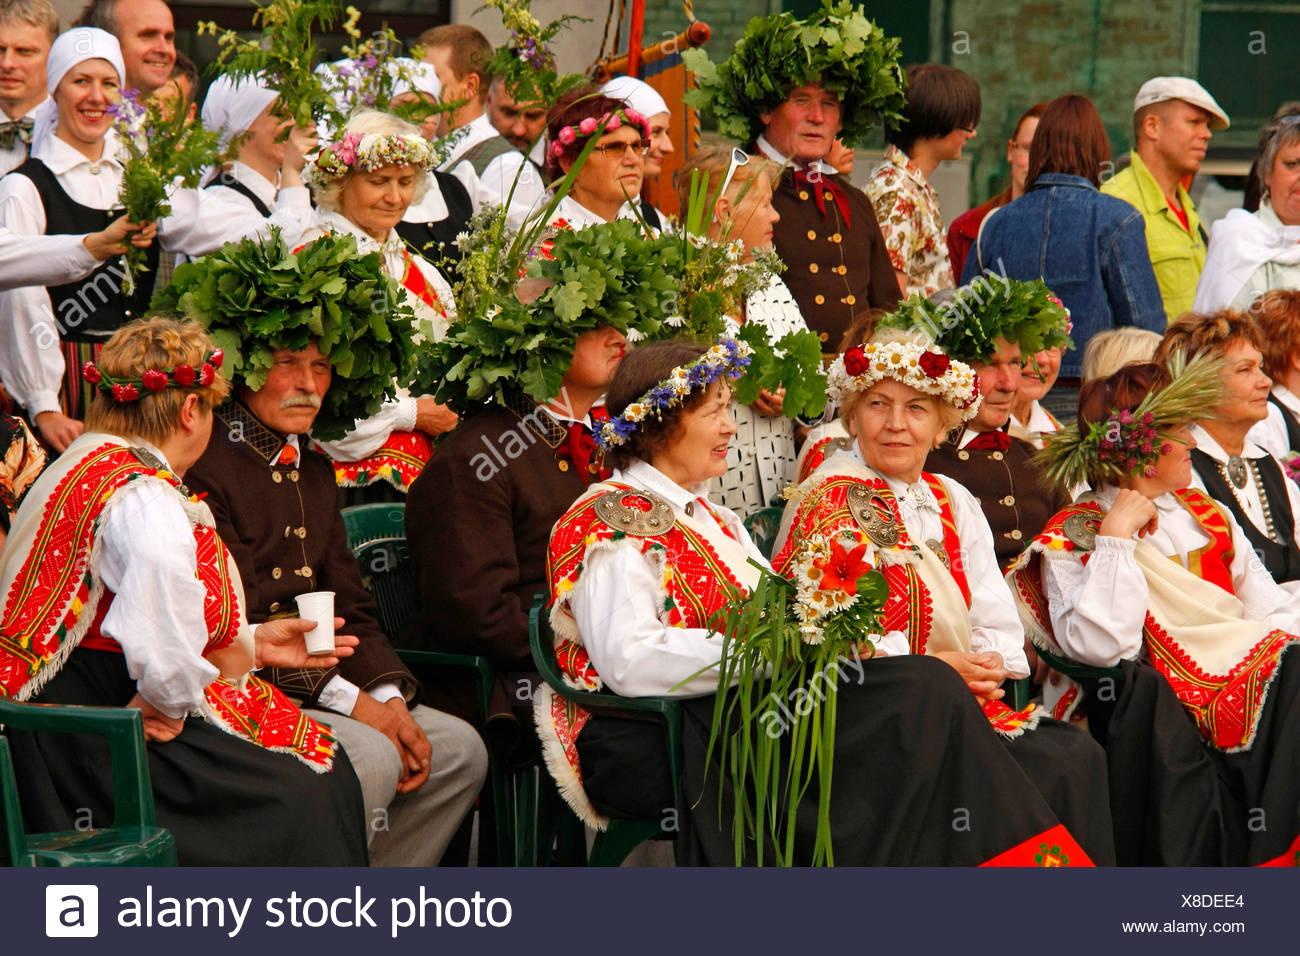 The festival in Jurmala is in full swing 29.07.2009 96